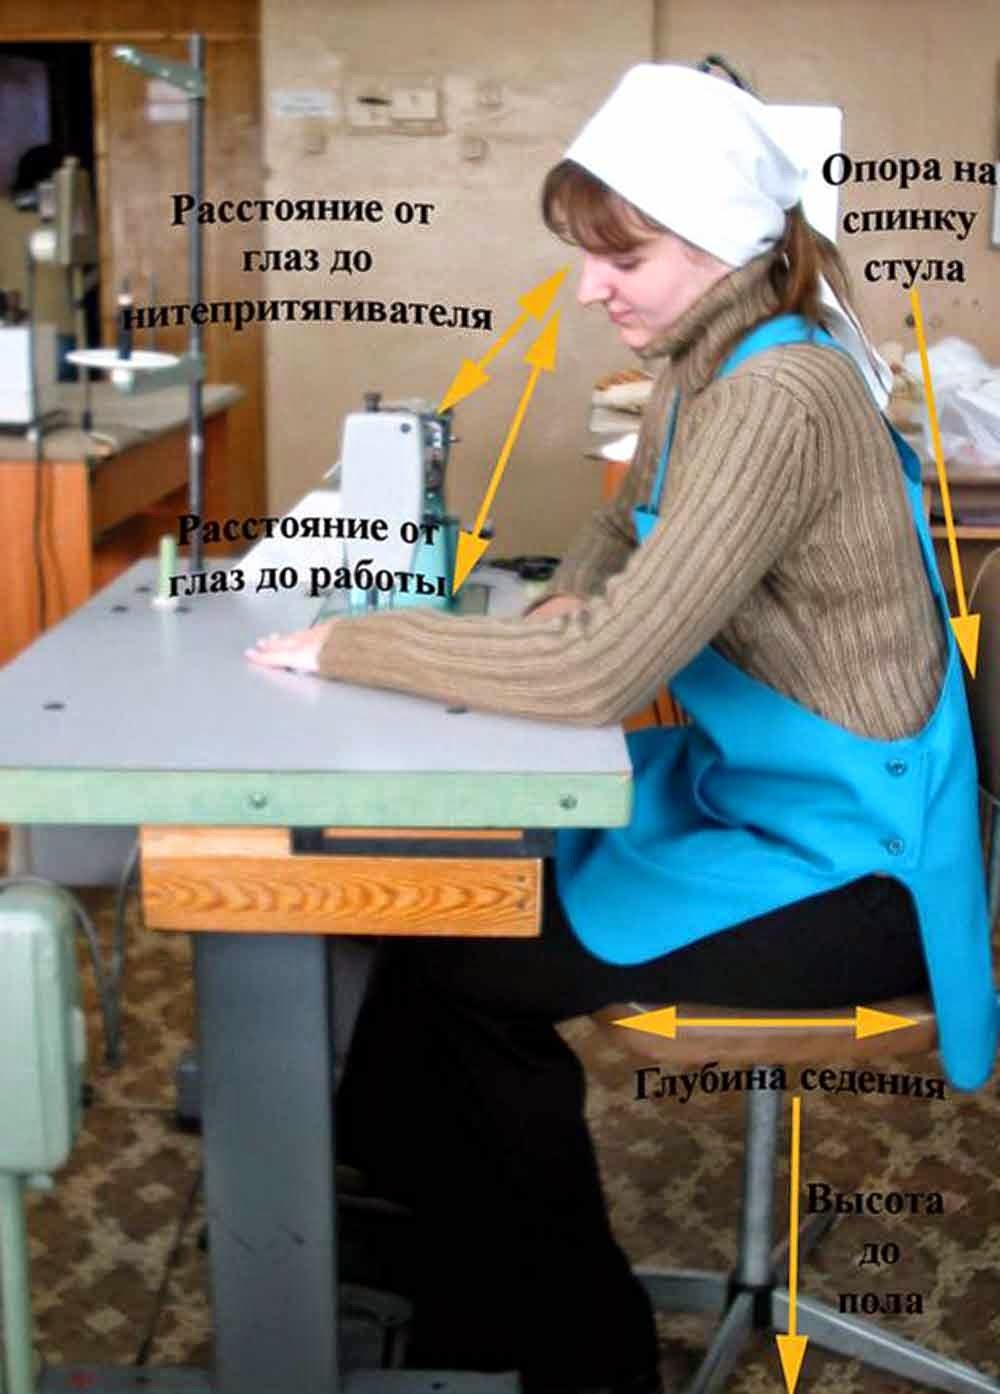 MACHINERY OPERATION: safety